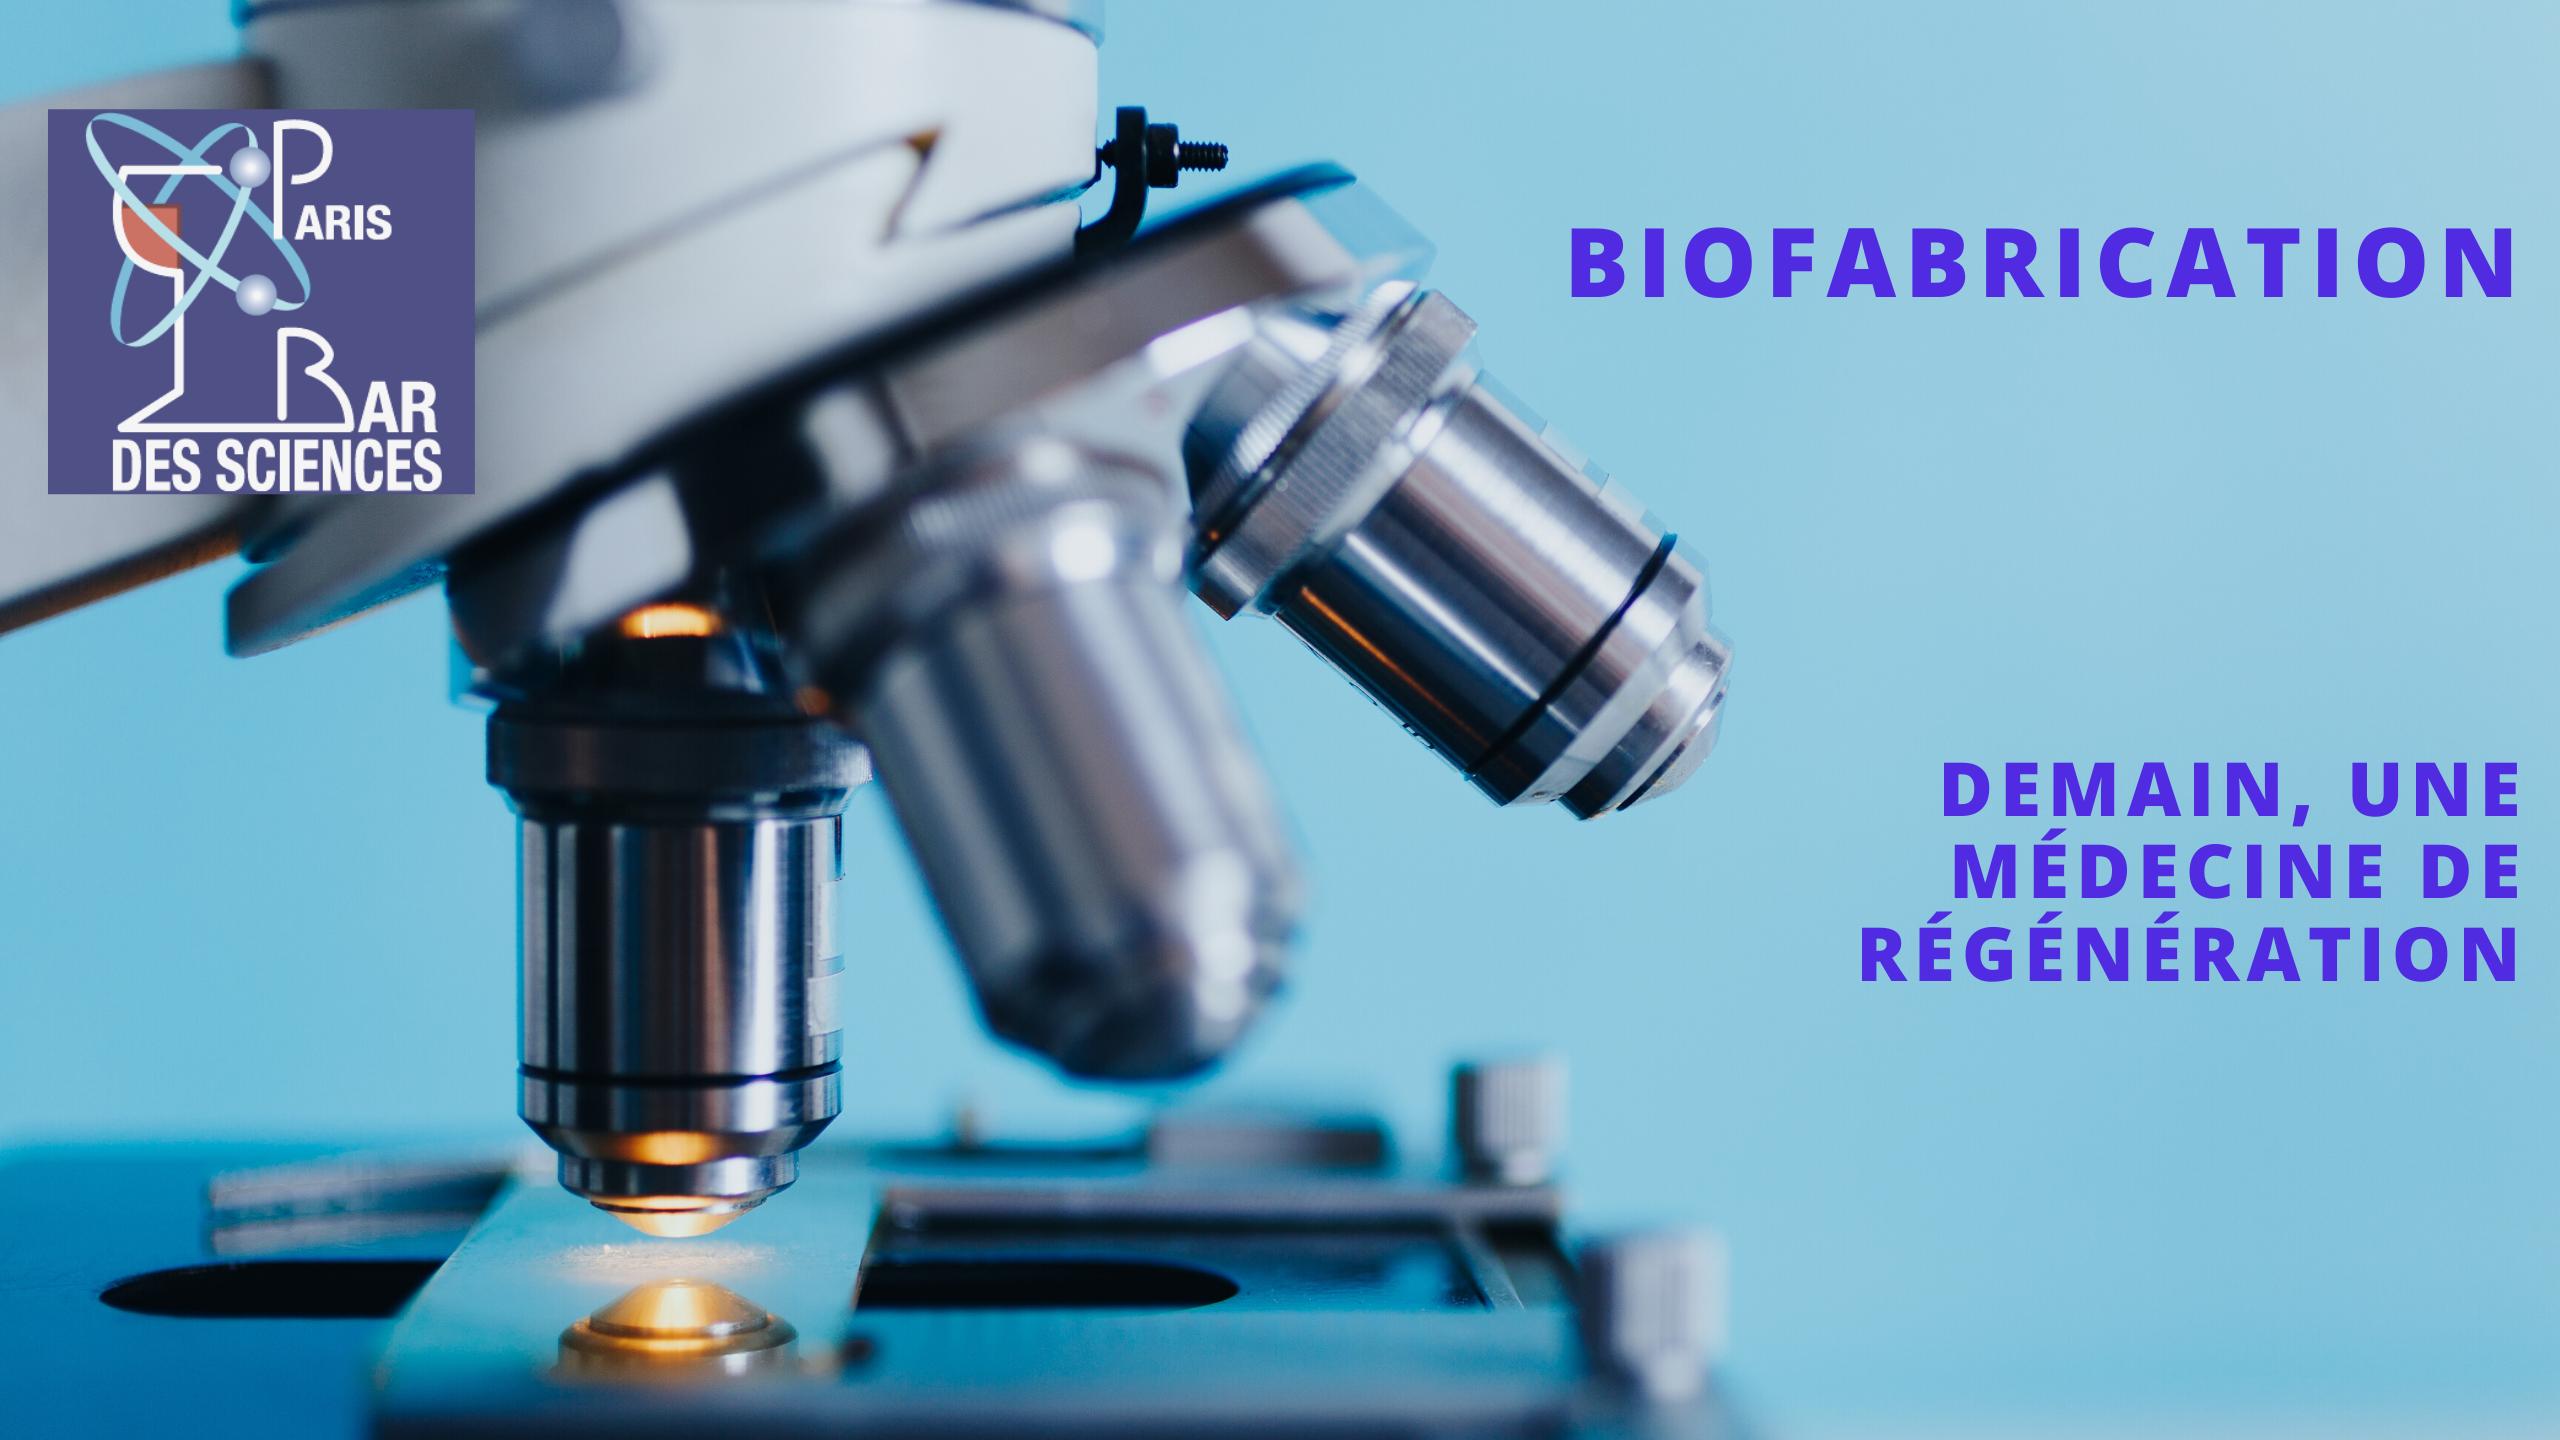 8 Janvier 2020 - Biofabrication : Demain, une médecine de régénération